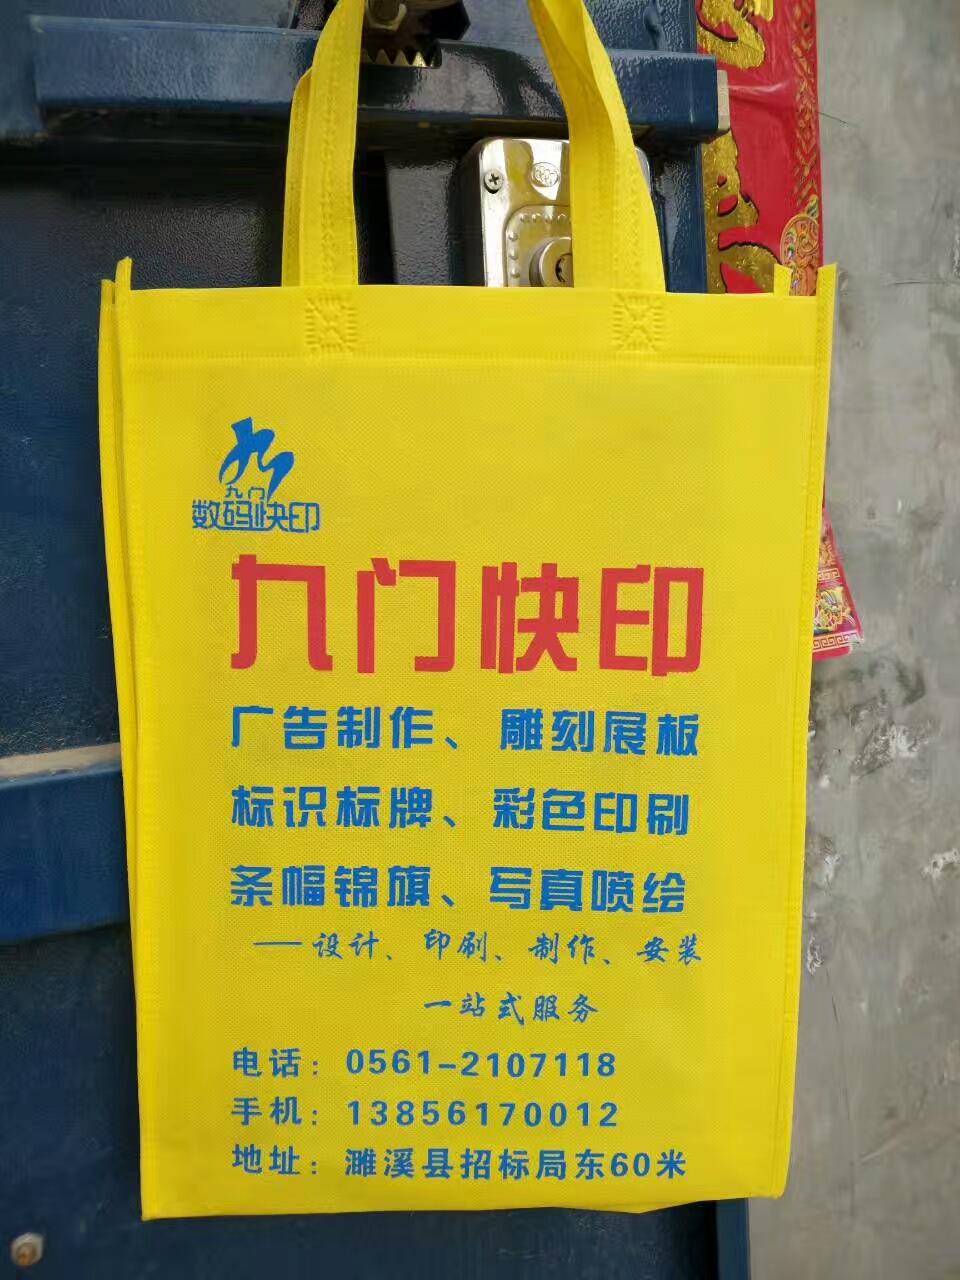 无纺布袋-购物袋定制-手提袋定制-纸袋定制-广告袋定制-贝弘纸塑制品